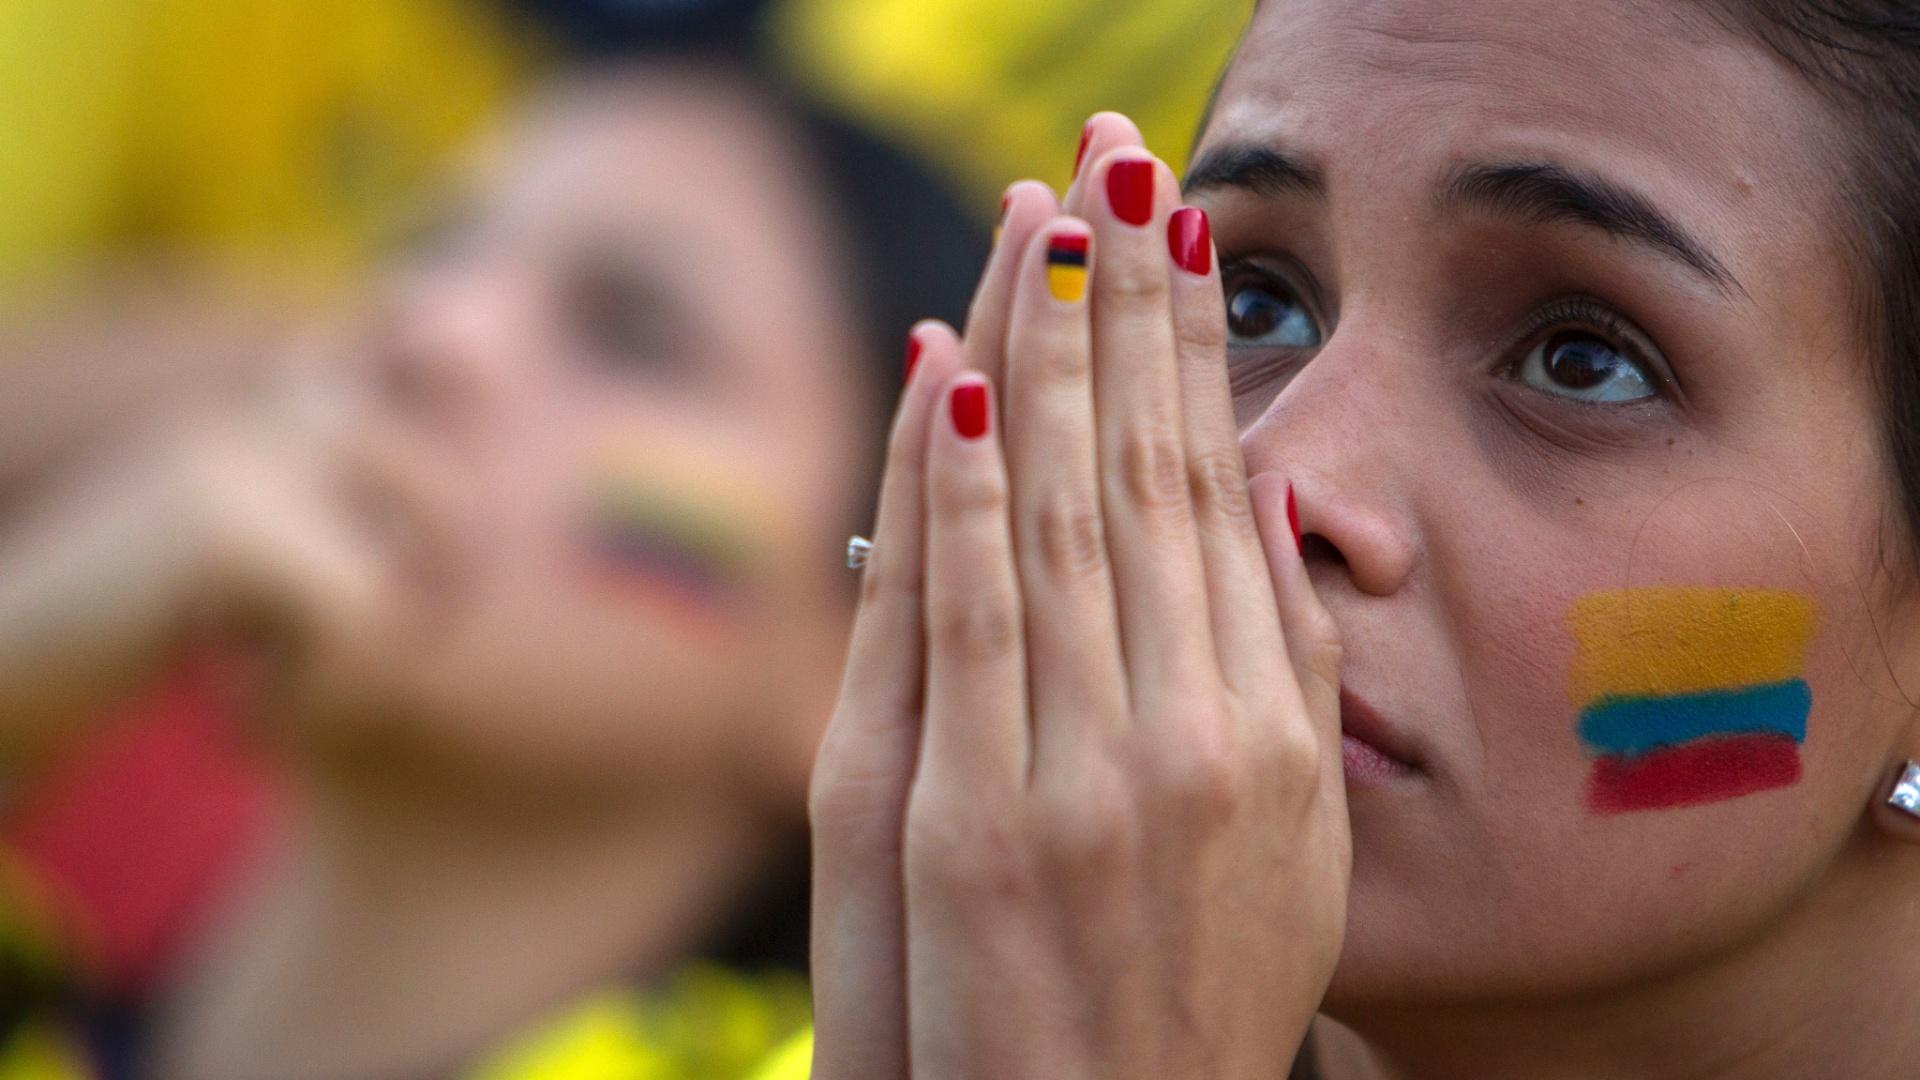 Colombiana assiste ao jogo contra o Brasil na Fan Fest de Copacabana, no Rio de Janeiro